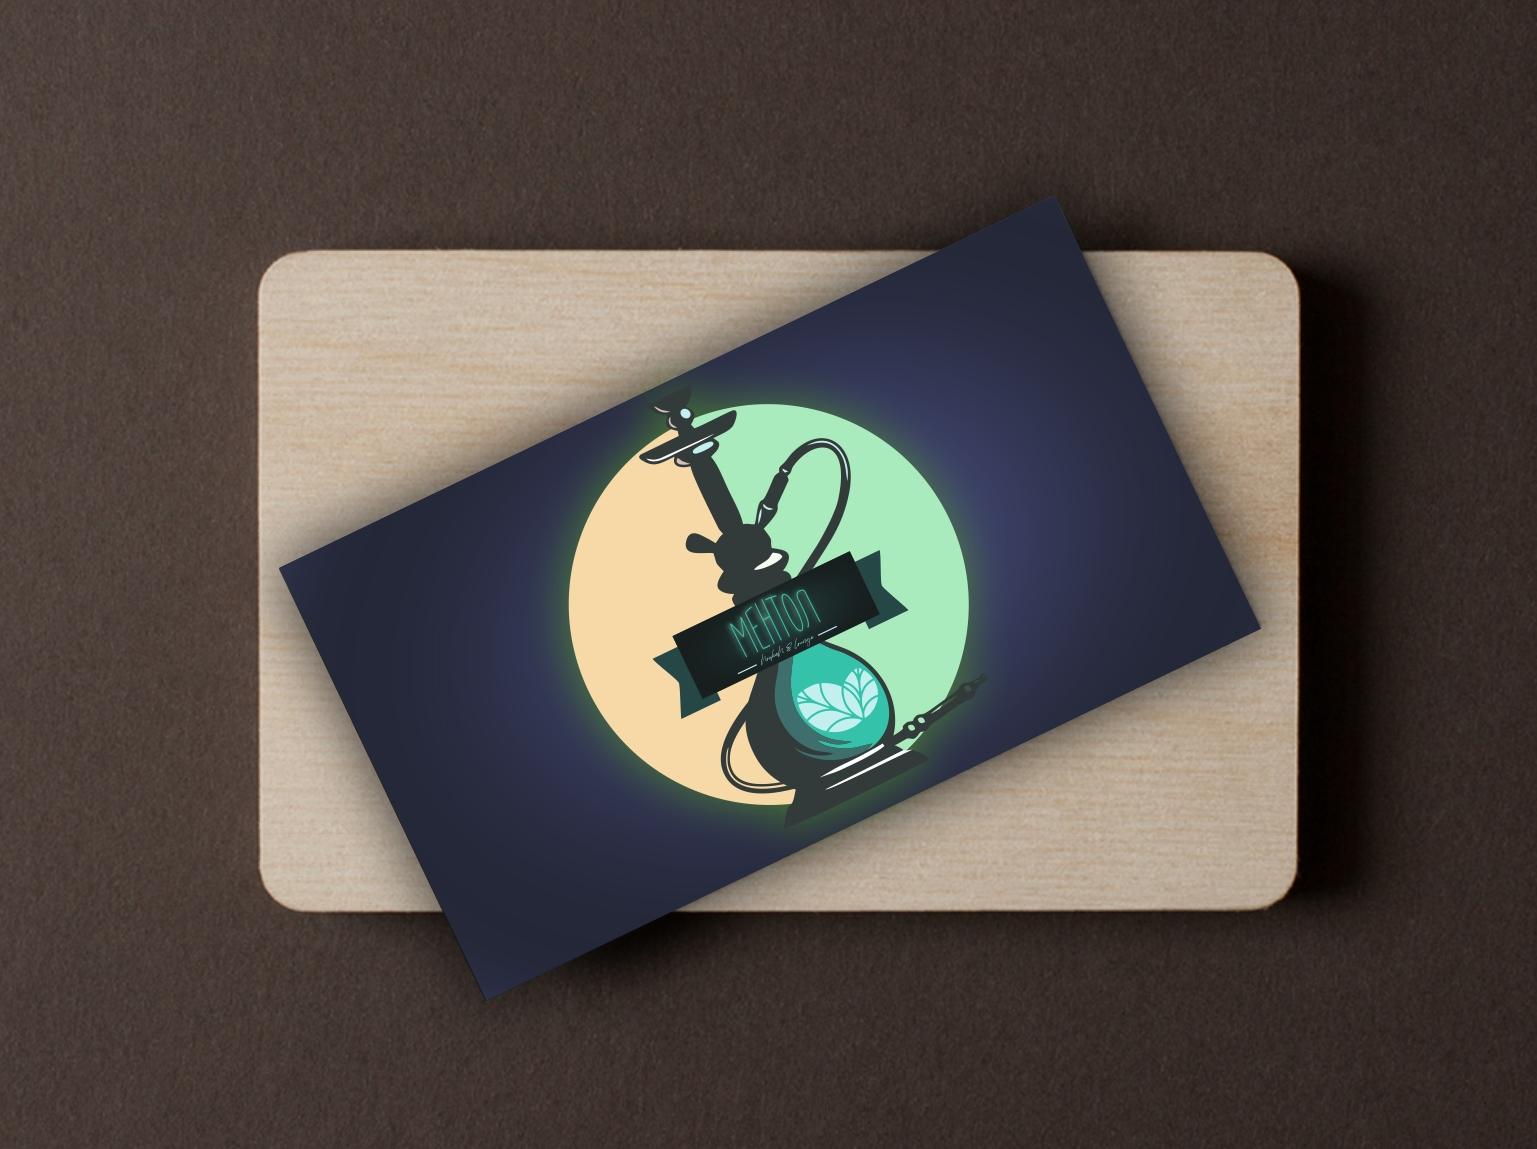 Создать логотип для кальянной!!! фото f_6795e116a350207f.jpg